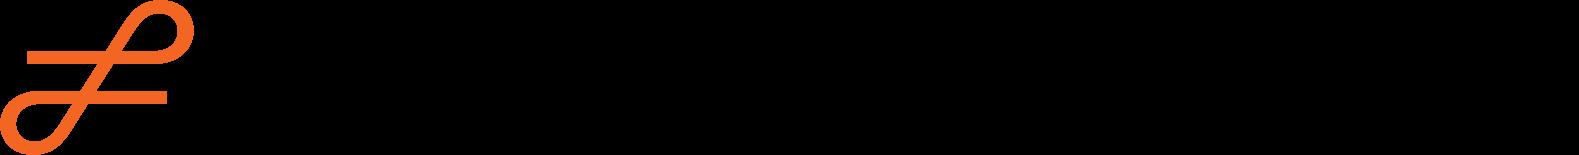 Operabase Logo